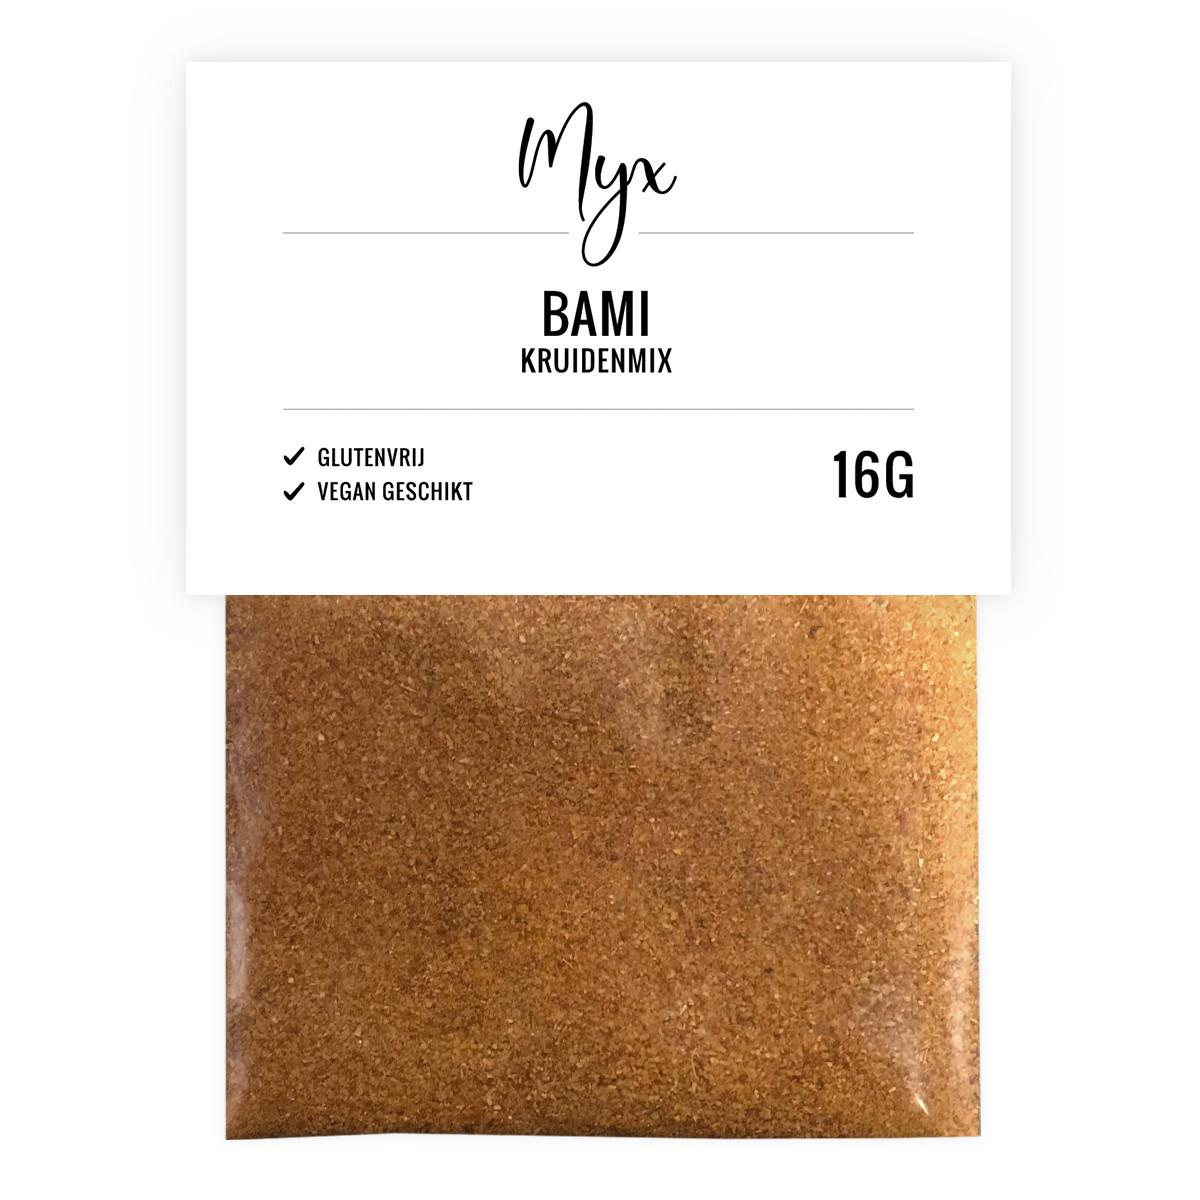 Kruidenmix Bami